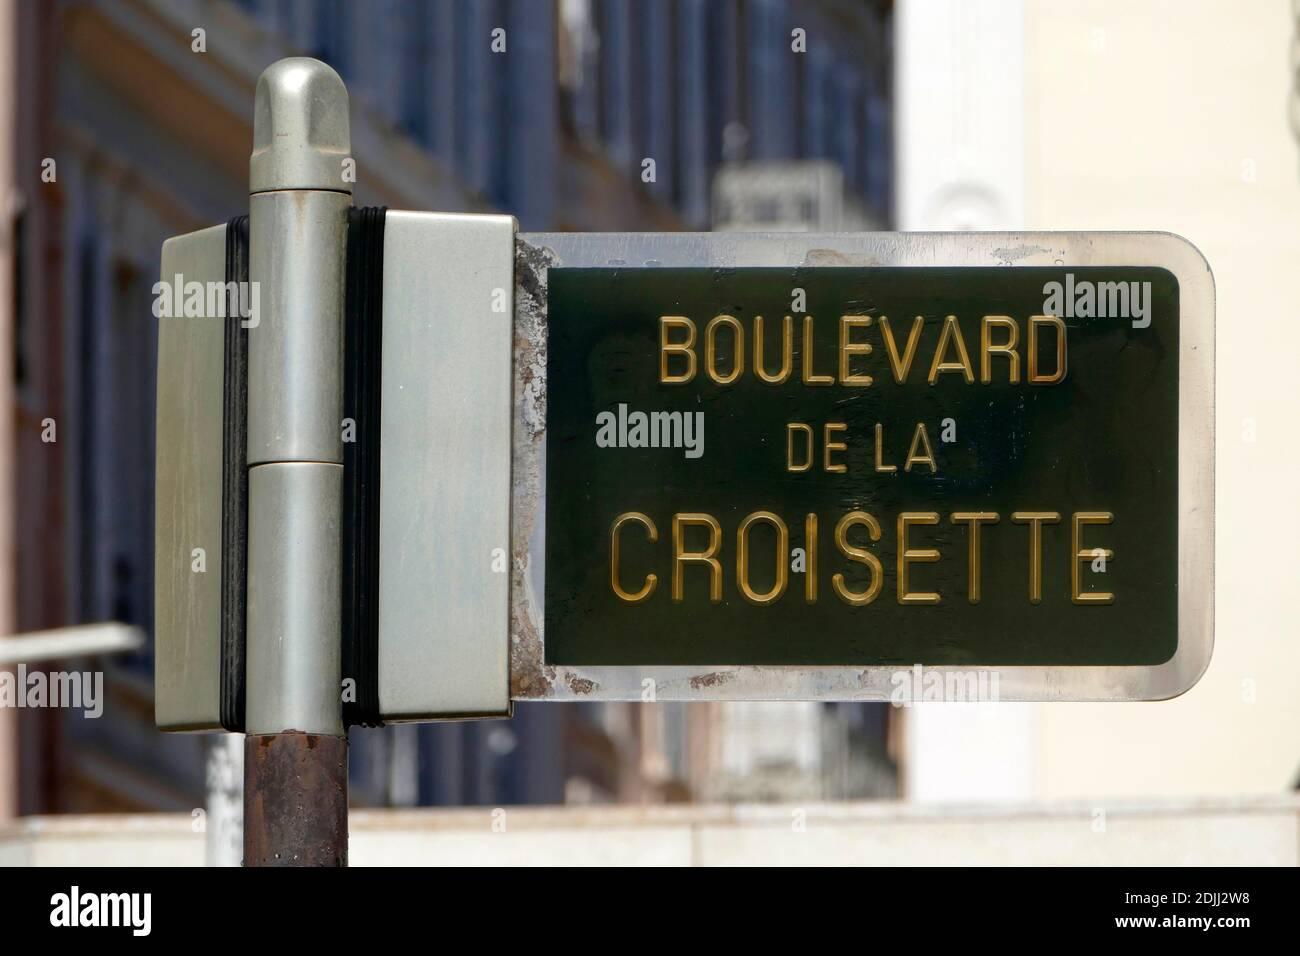 Boulevard de la Croisette, Cannes, Alpes-Maritimes, Provence-Alpes-Cote d'Azur, France Stock Photo